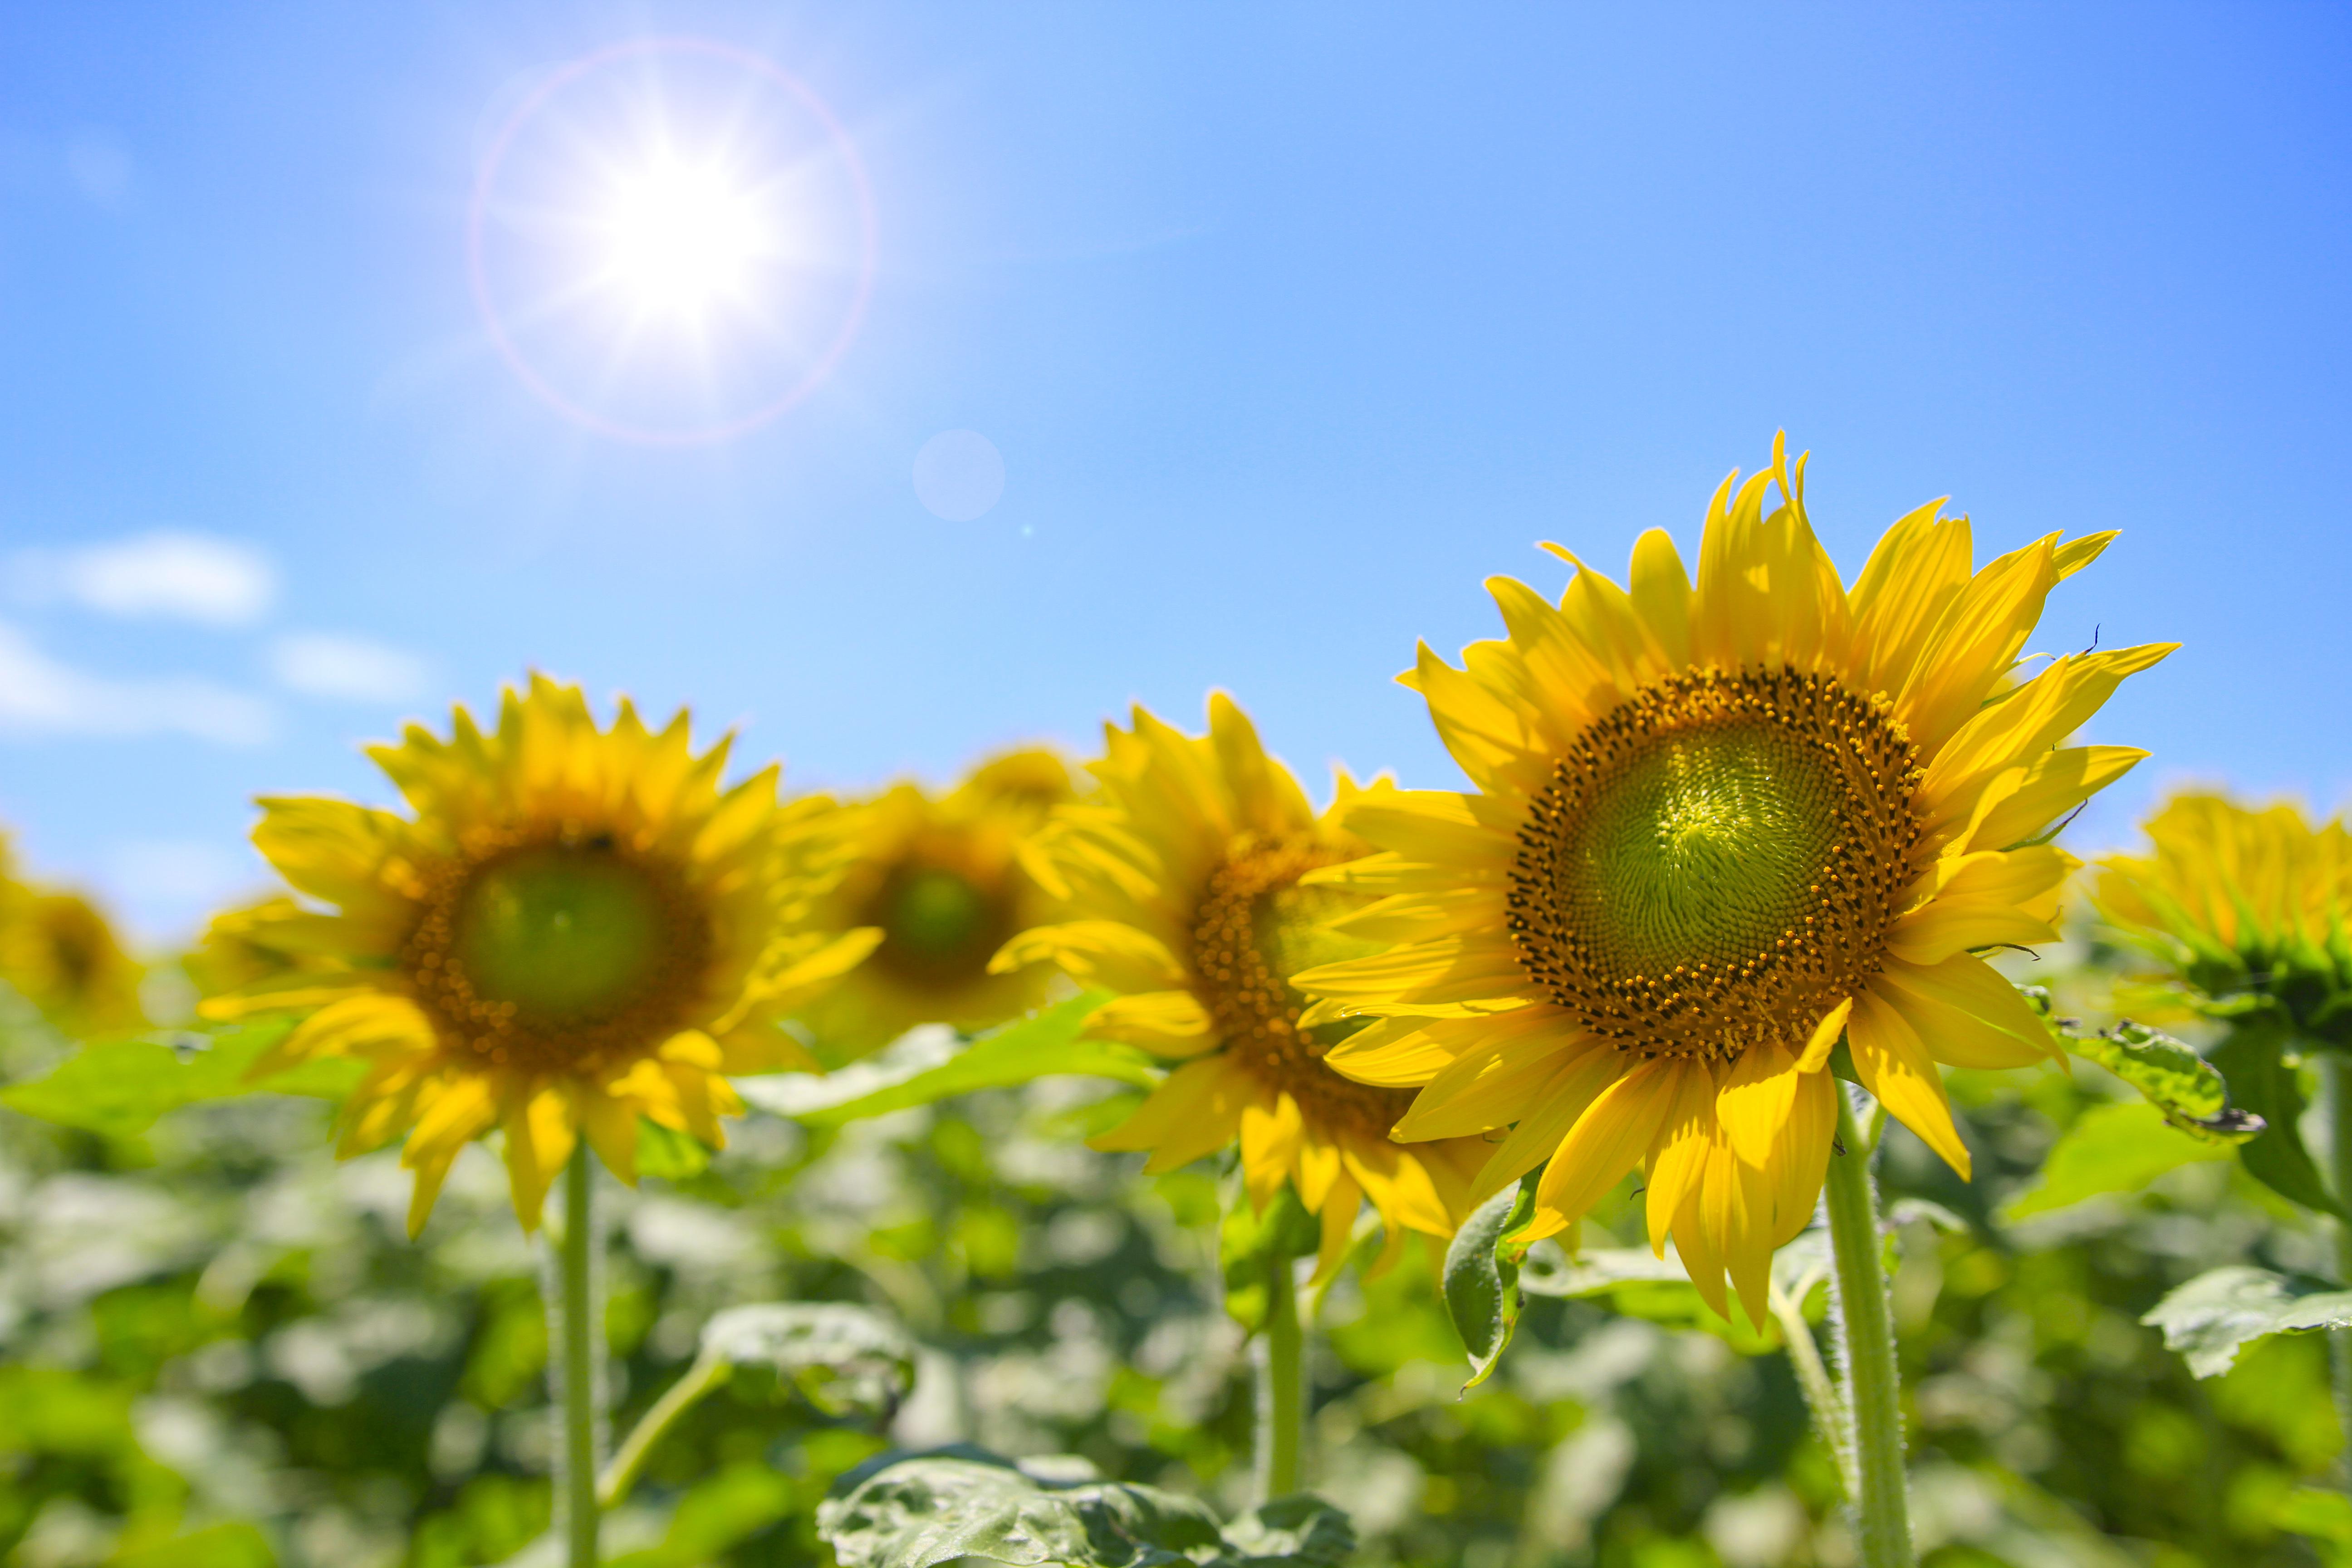 育つ環境が違えば咲く花も変わってくる